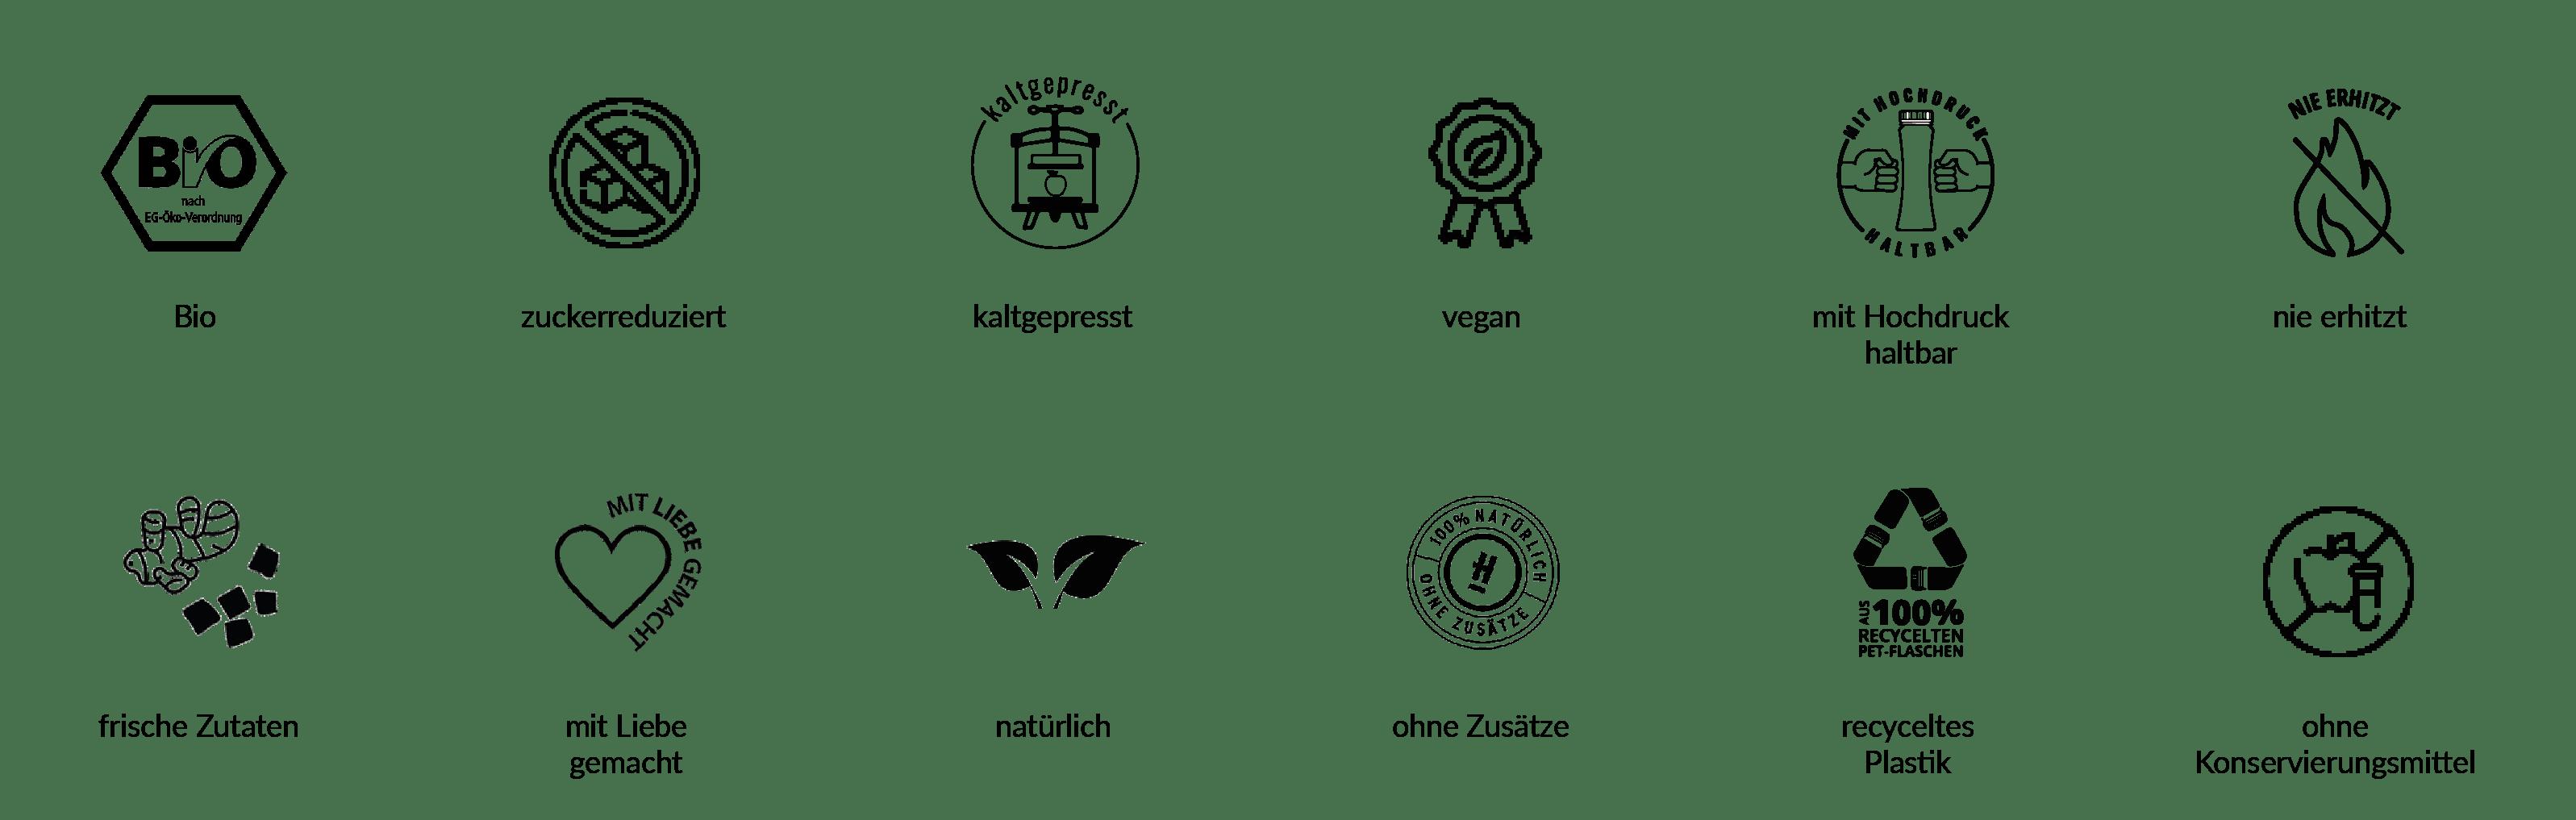 Icon Kriterien